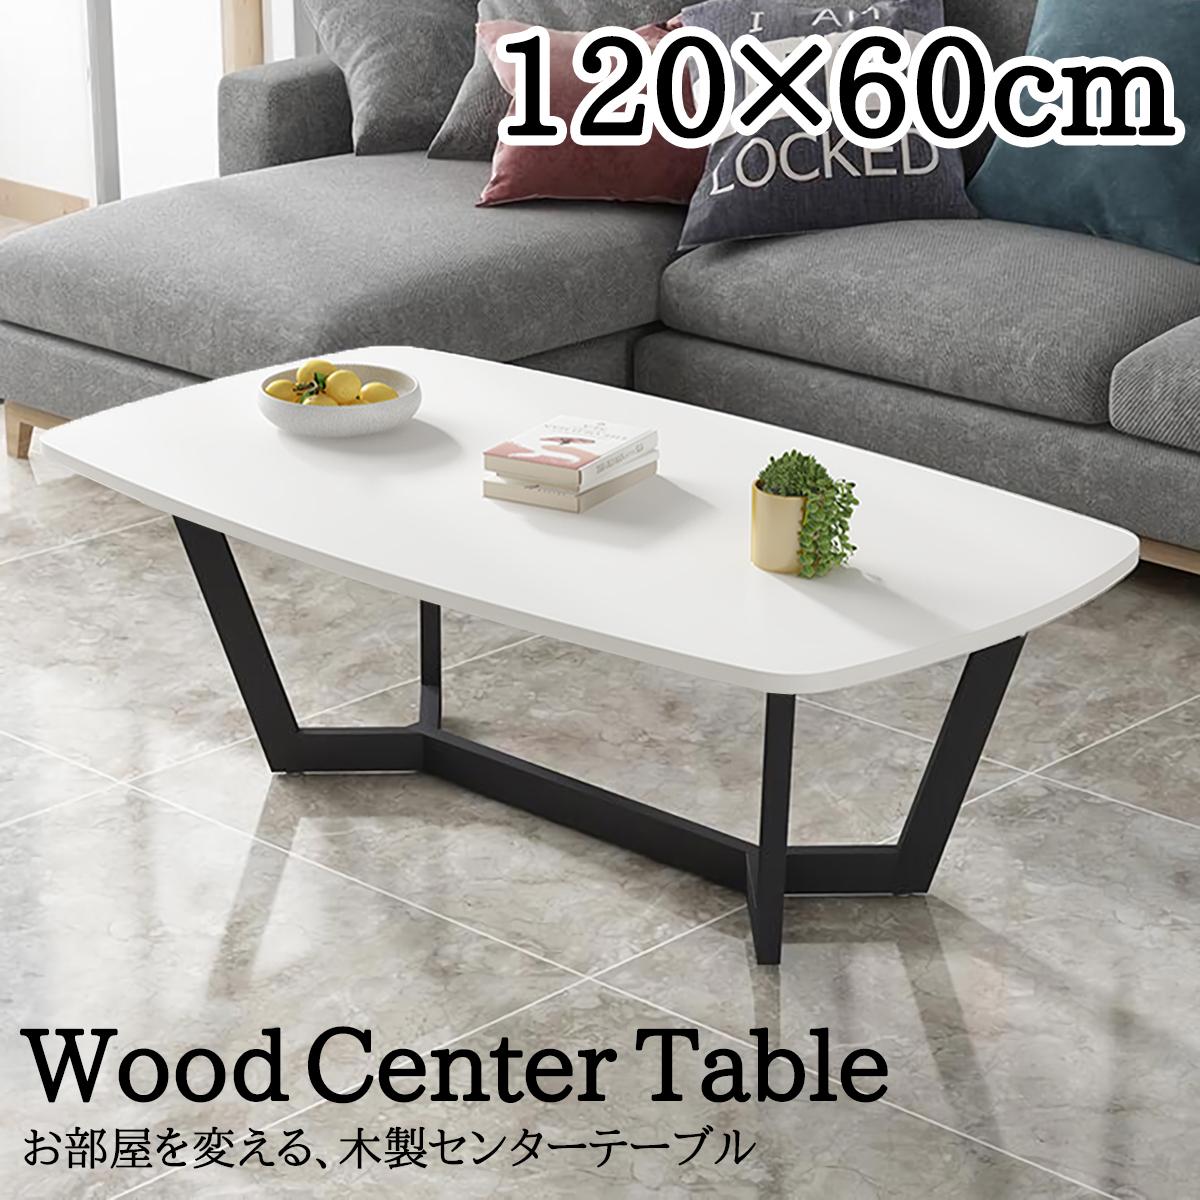 センターテーブル リビングテーブル 木製 テーブル ローテーブル パソコン ソファ ベッド 北欧 高級 リビング シンプル おしゃれ CT-13_画像1